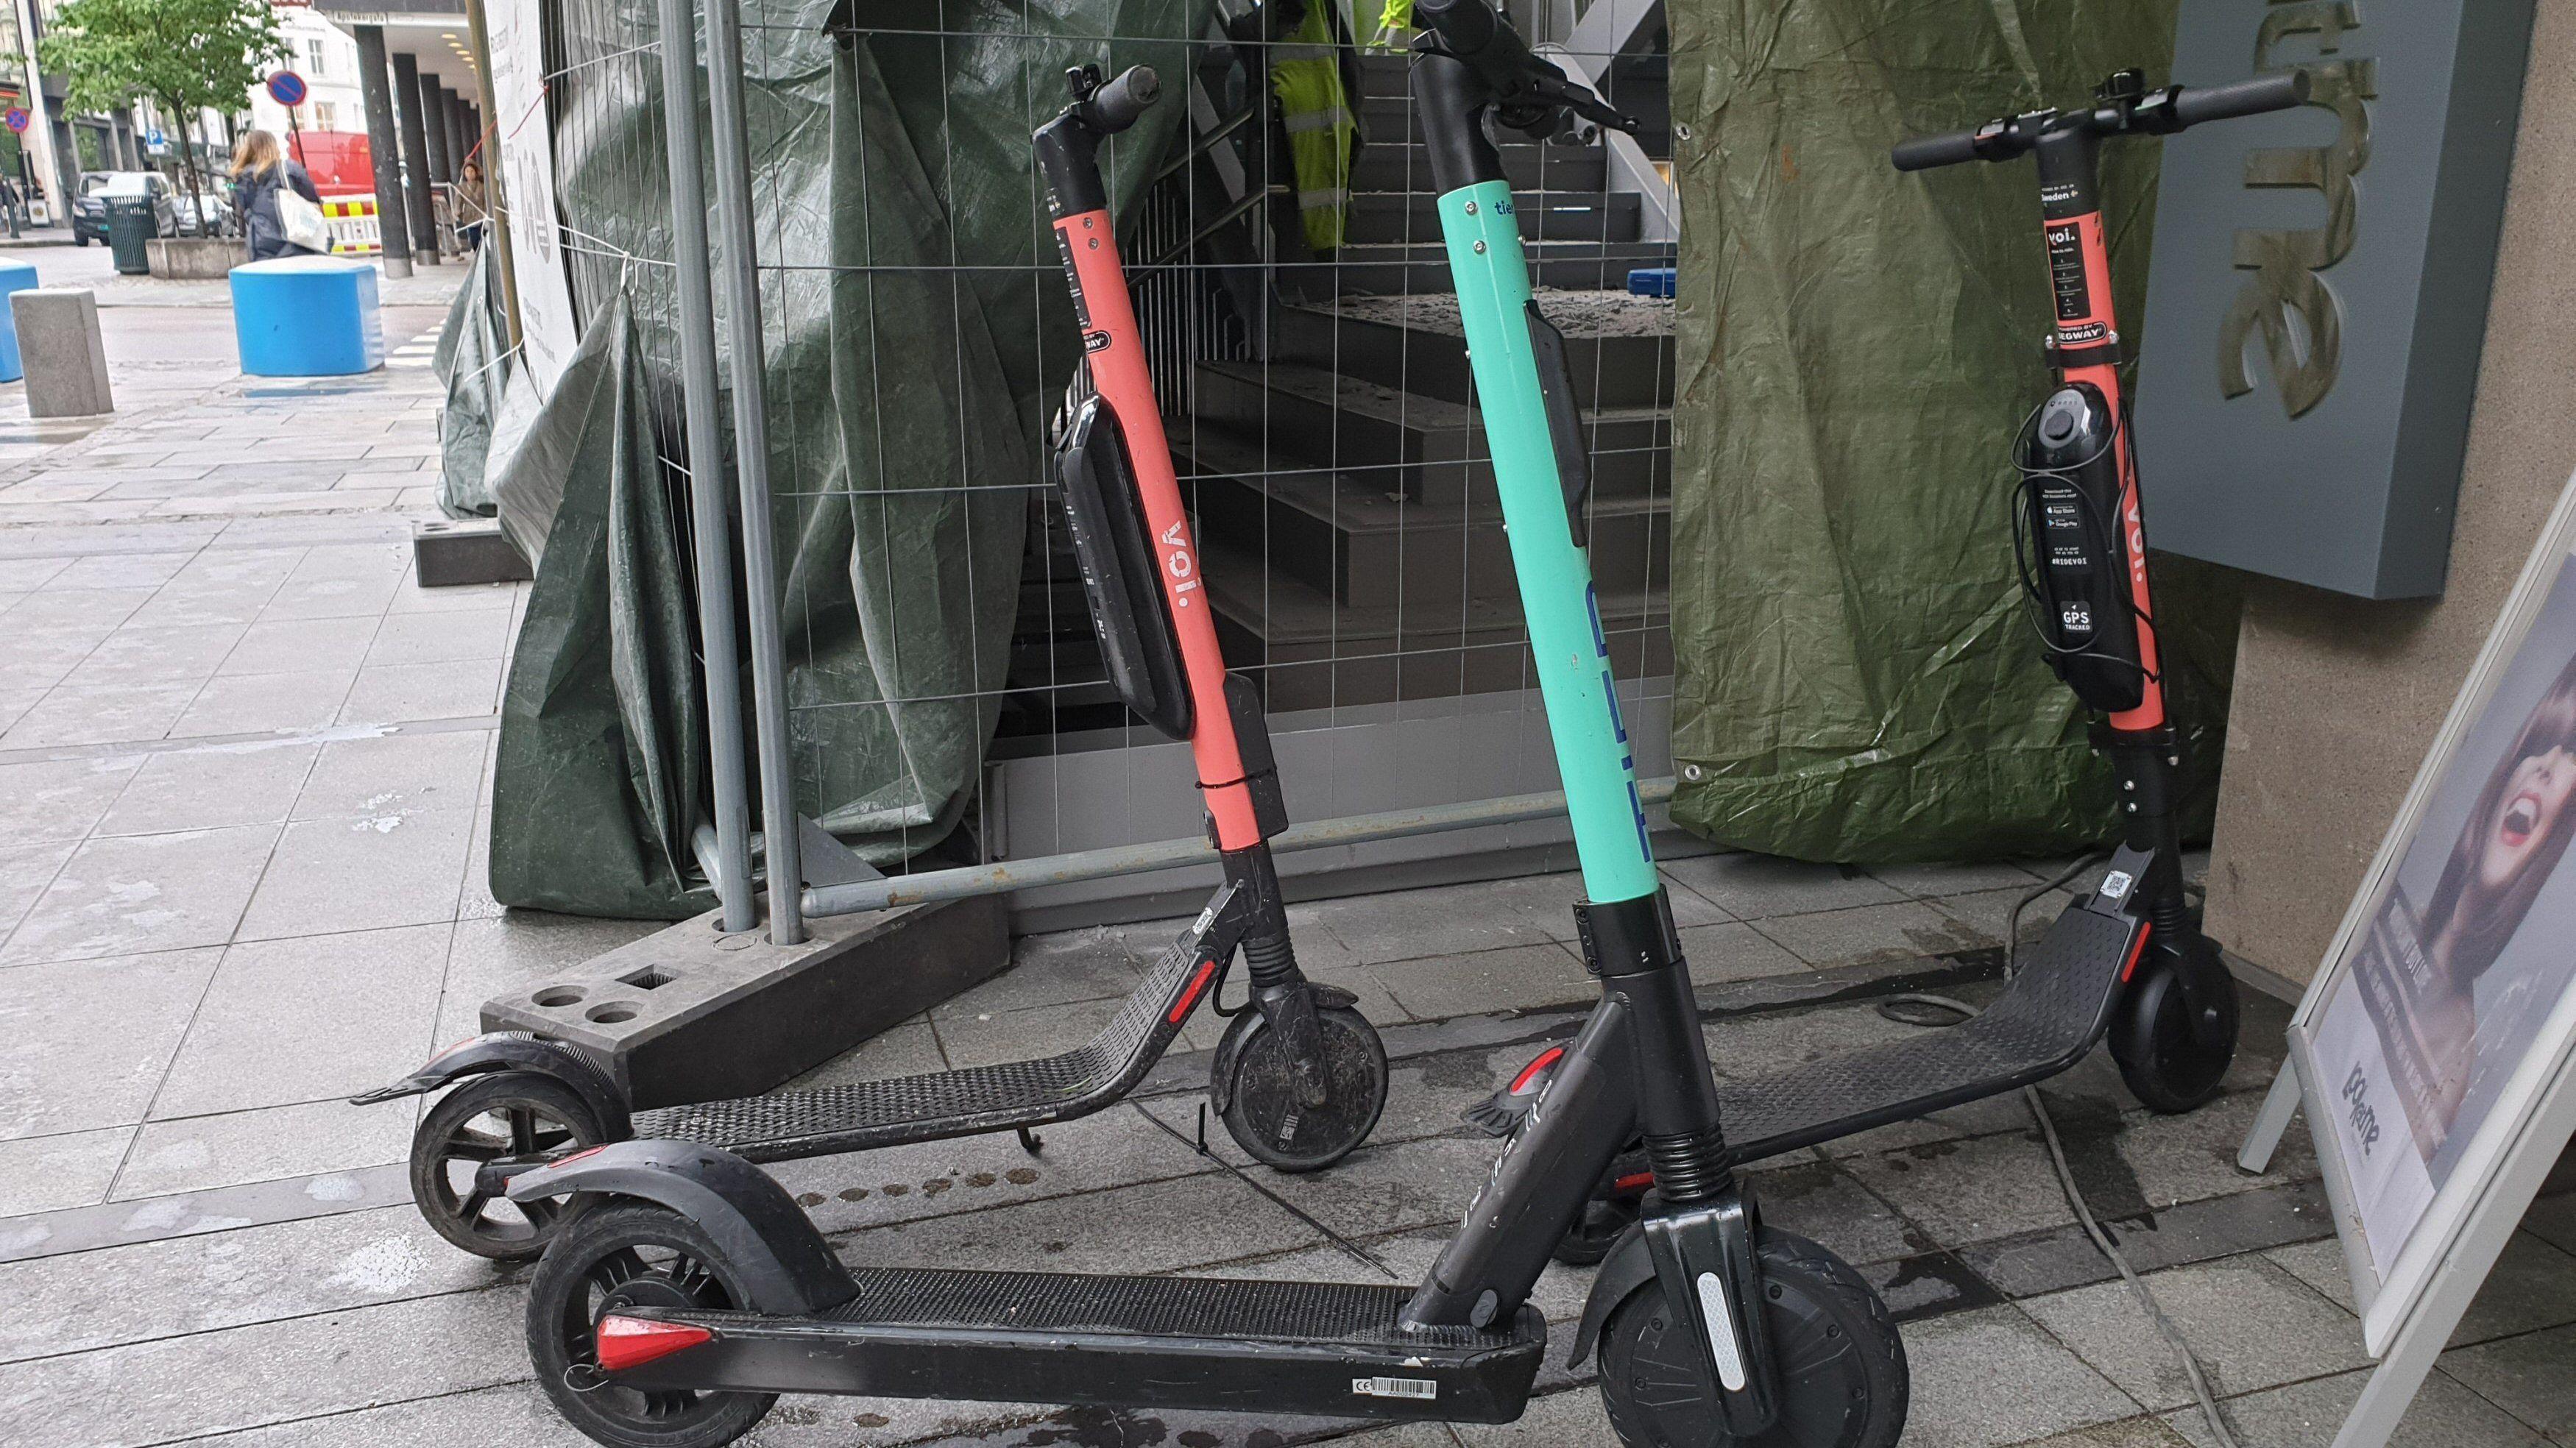 Amerikansk by forbyr elsparkesykler etter at mann krasjet og døde